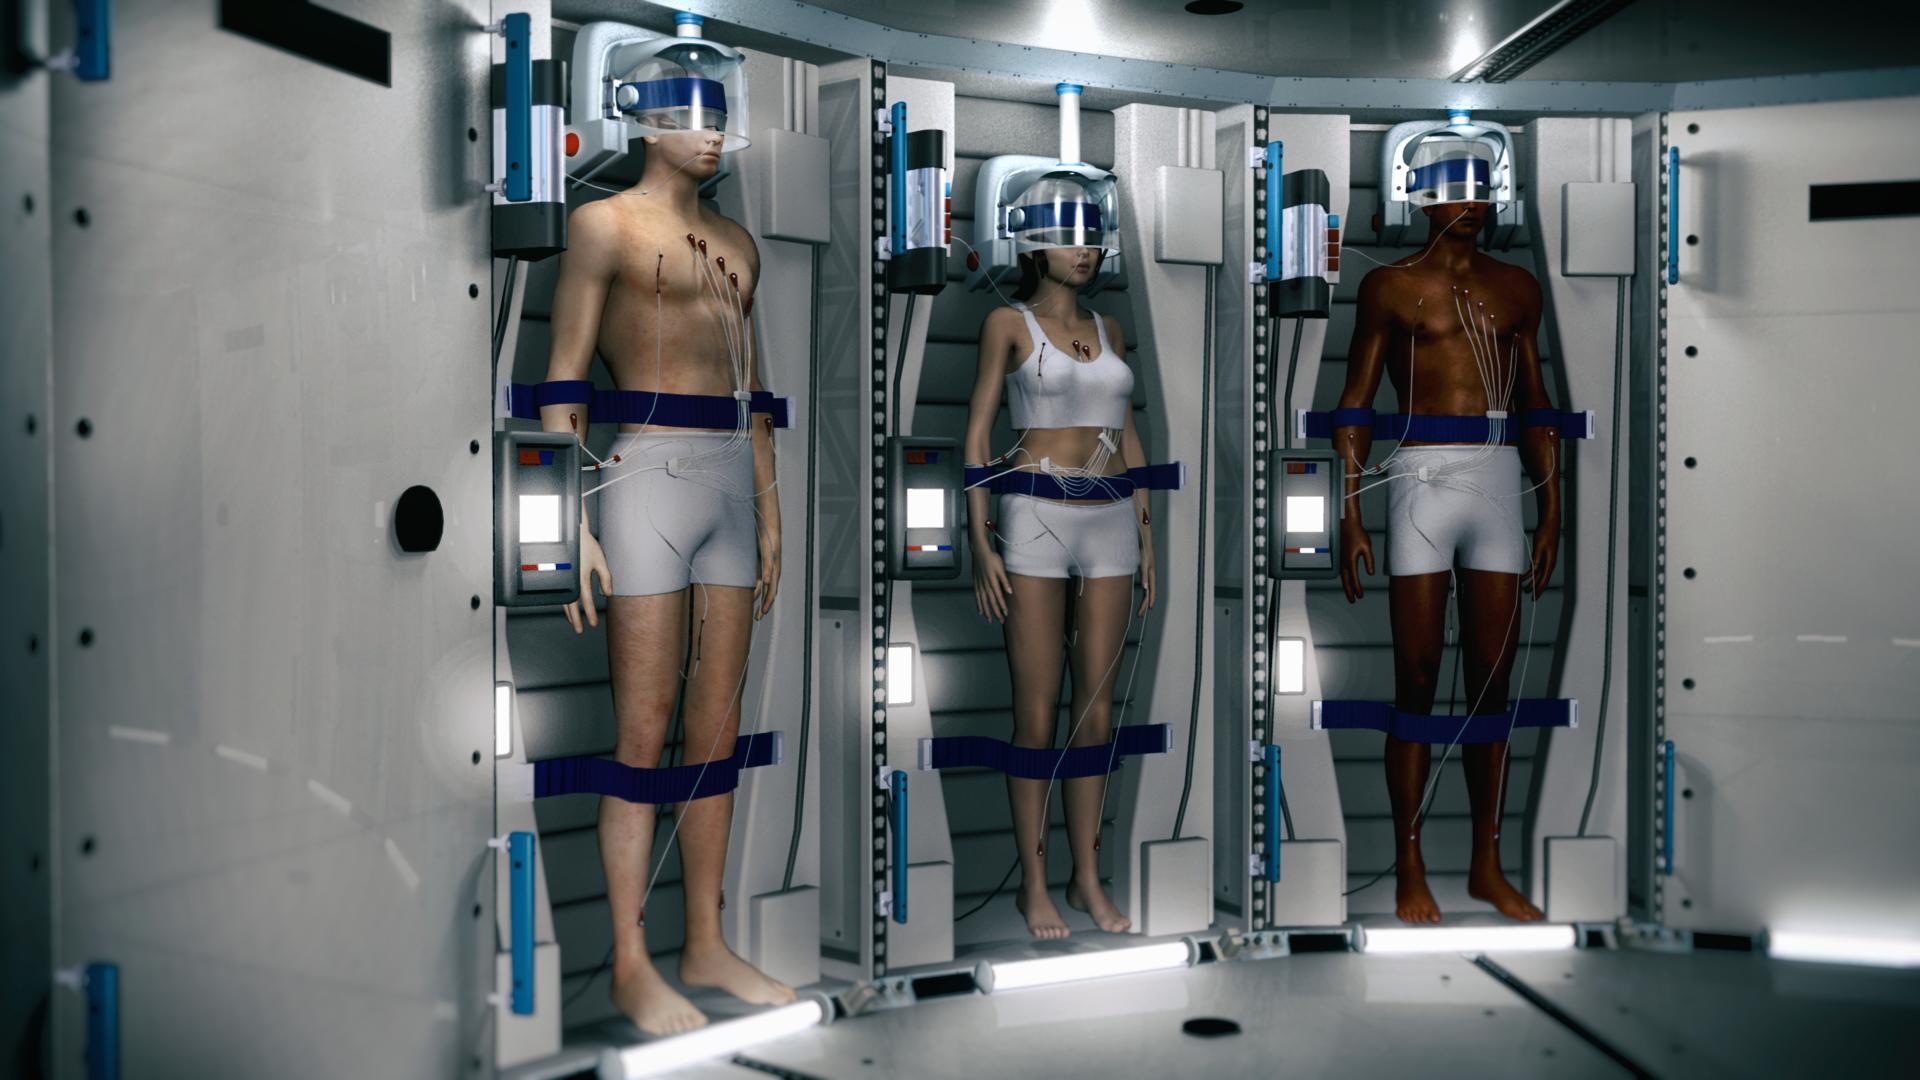 Анабиоз для длительных космических путешествий скоро станет реальностью - 3